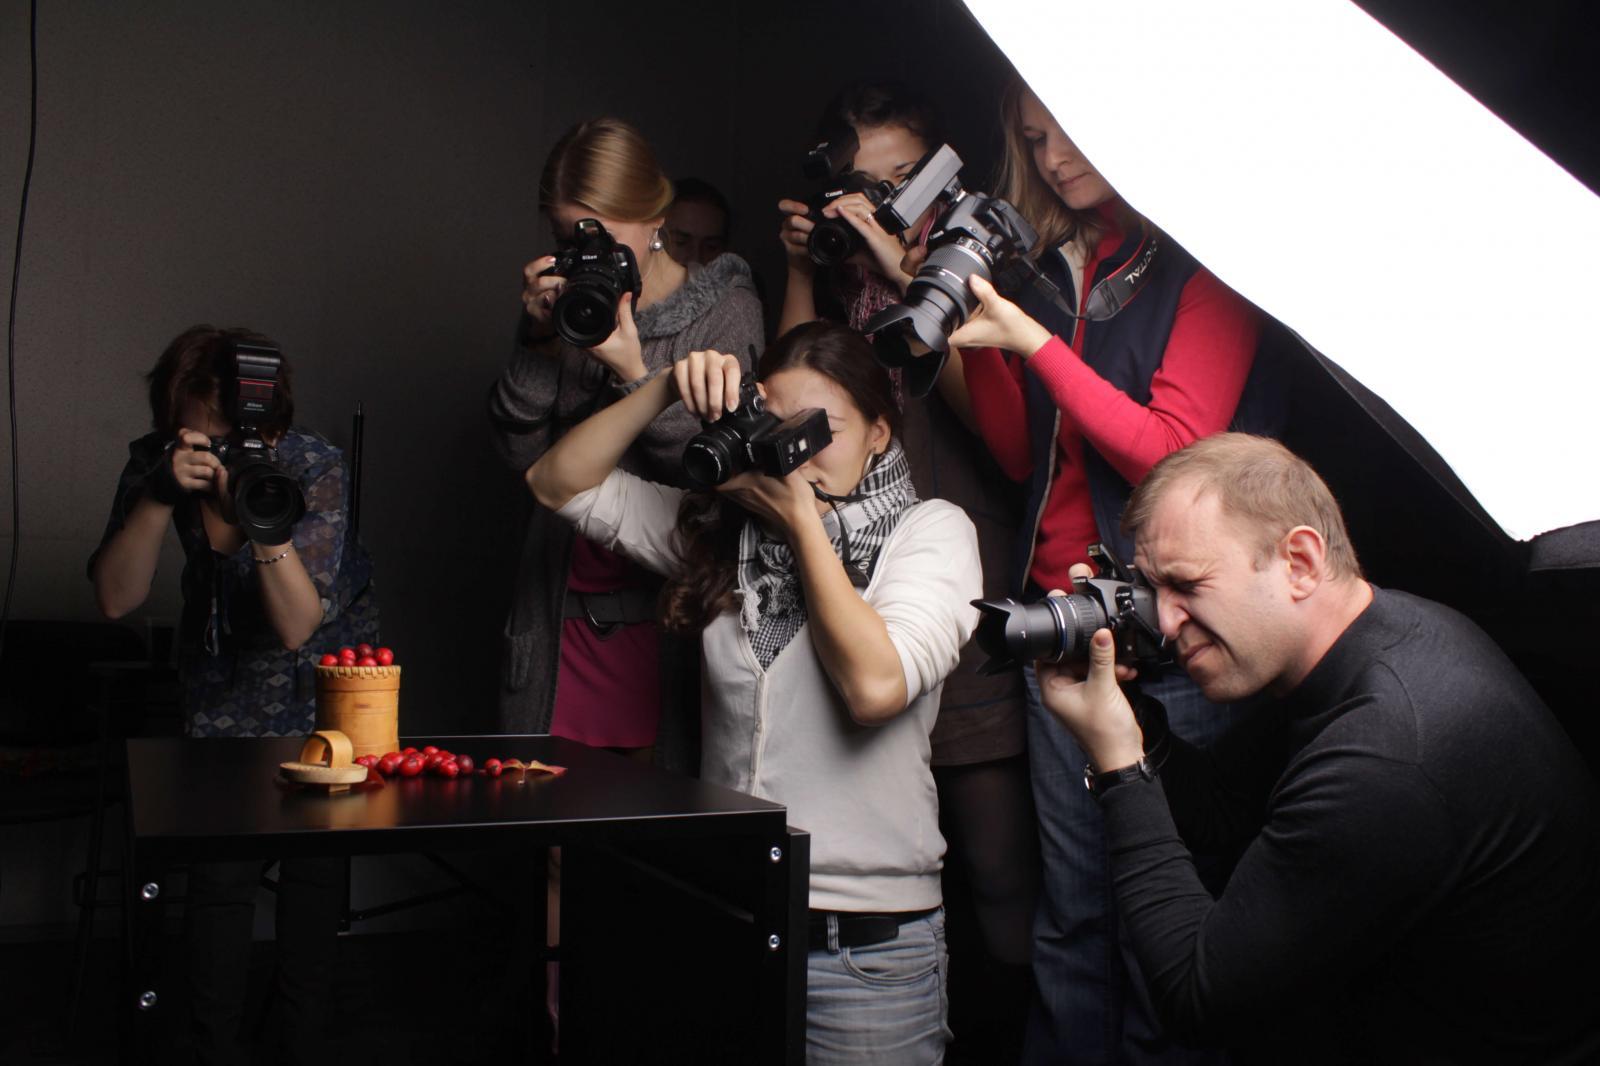 обучающие курсы фотографии в спб достаточно разнообразными